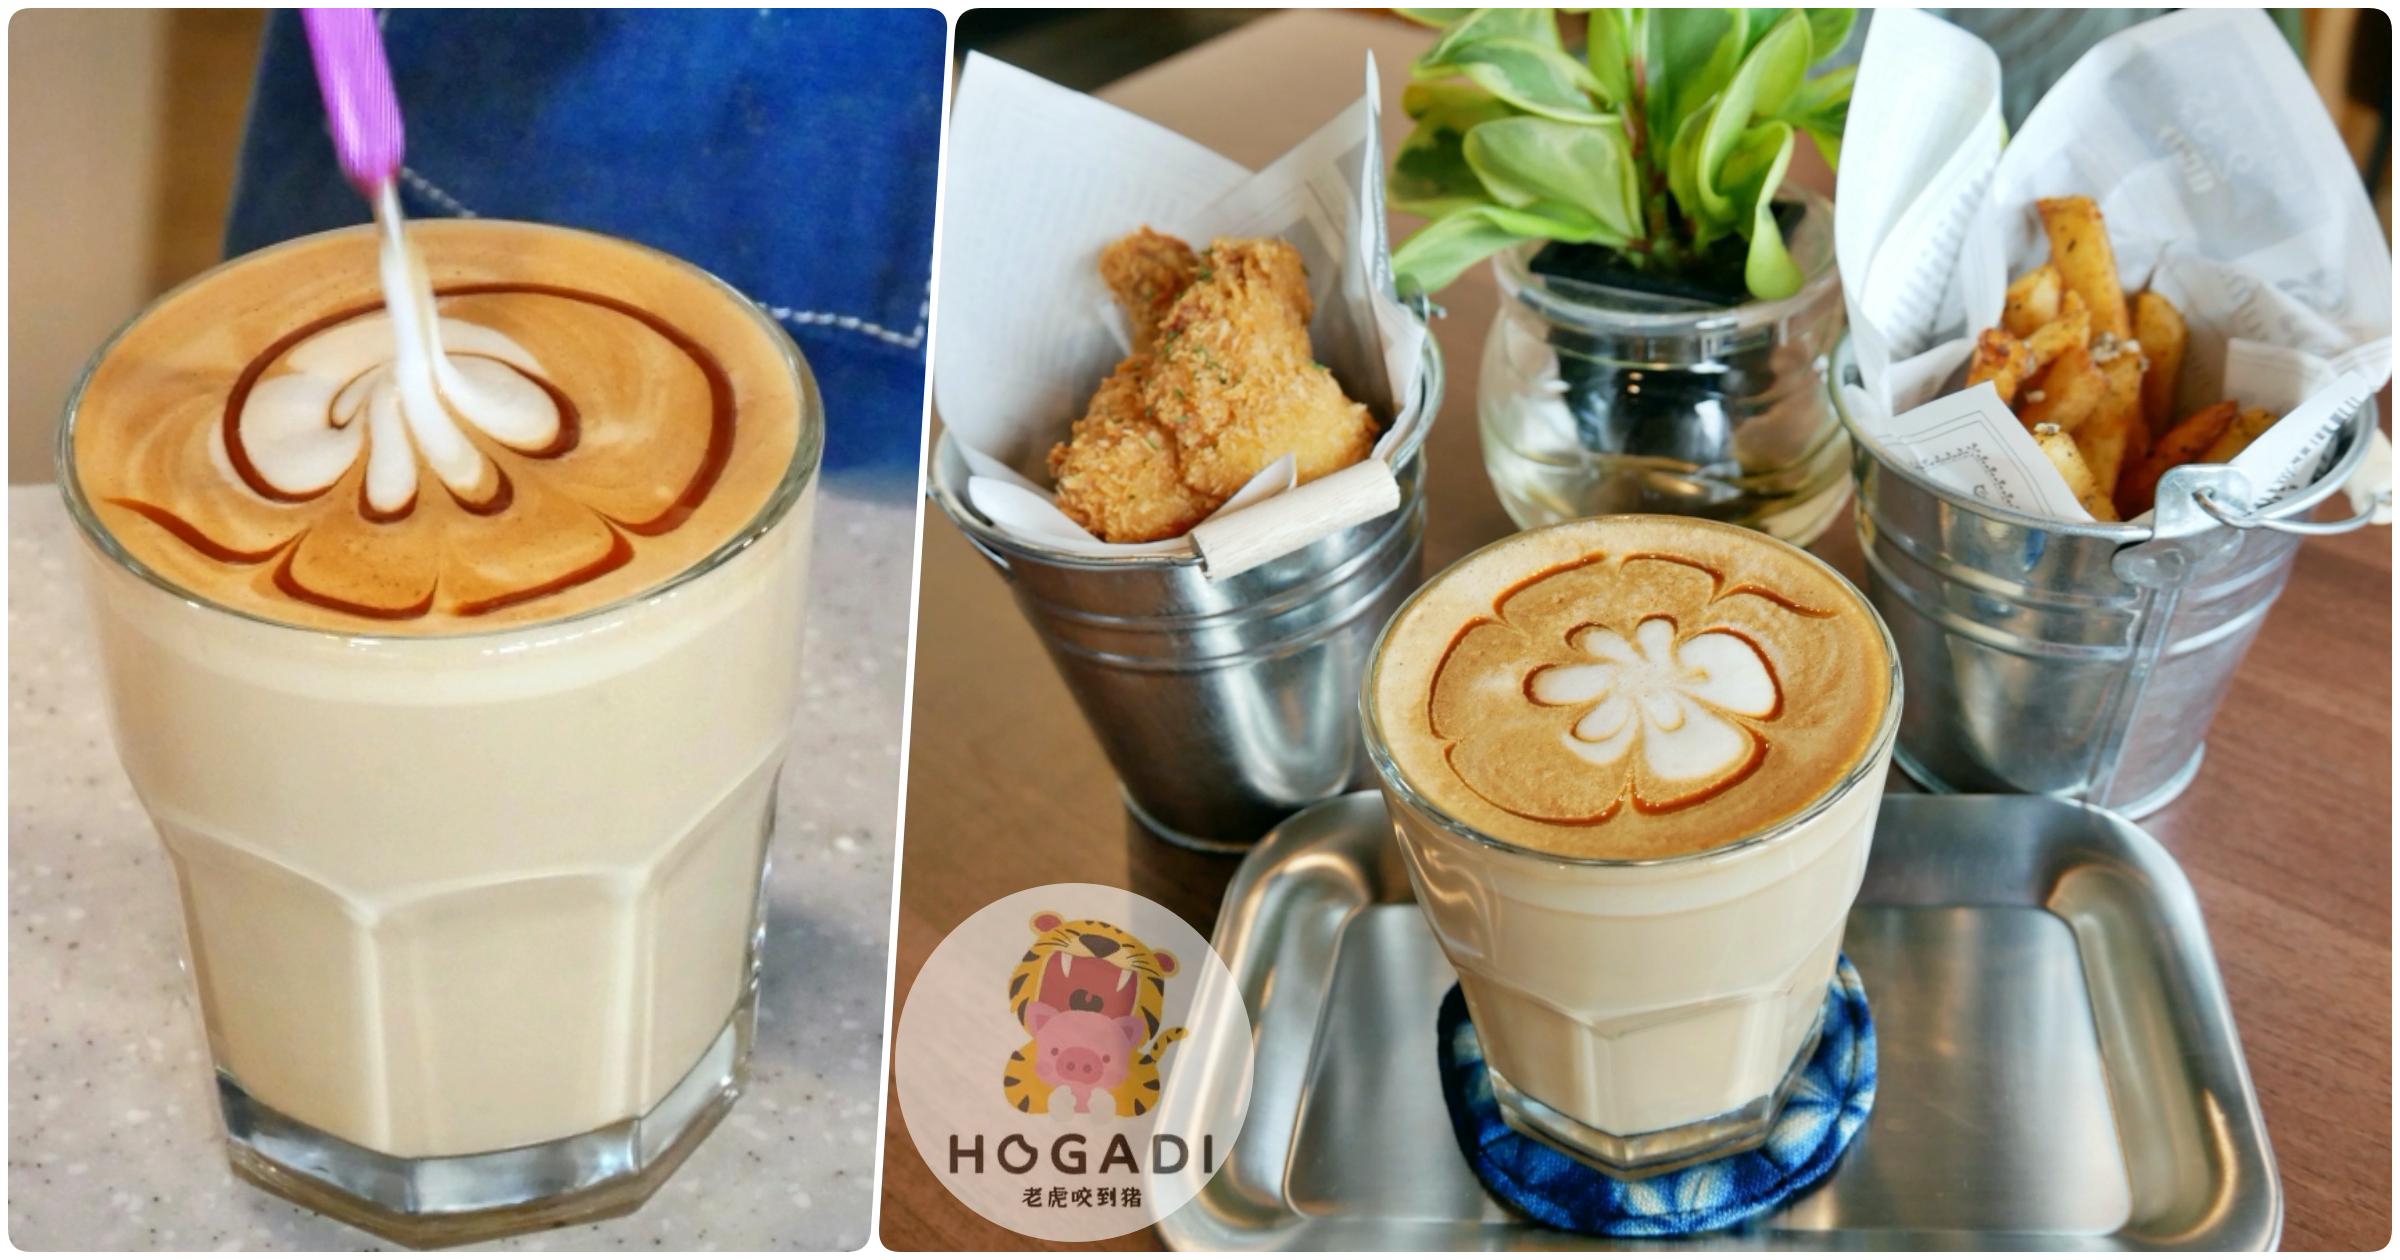 最新推播訊息:[蘆竹美食]Hogadi CAFE|南崁特力屋內銅板價咖啡~五月底前全面八折優惠